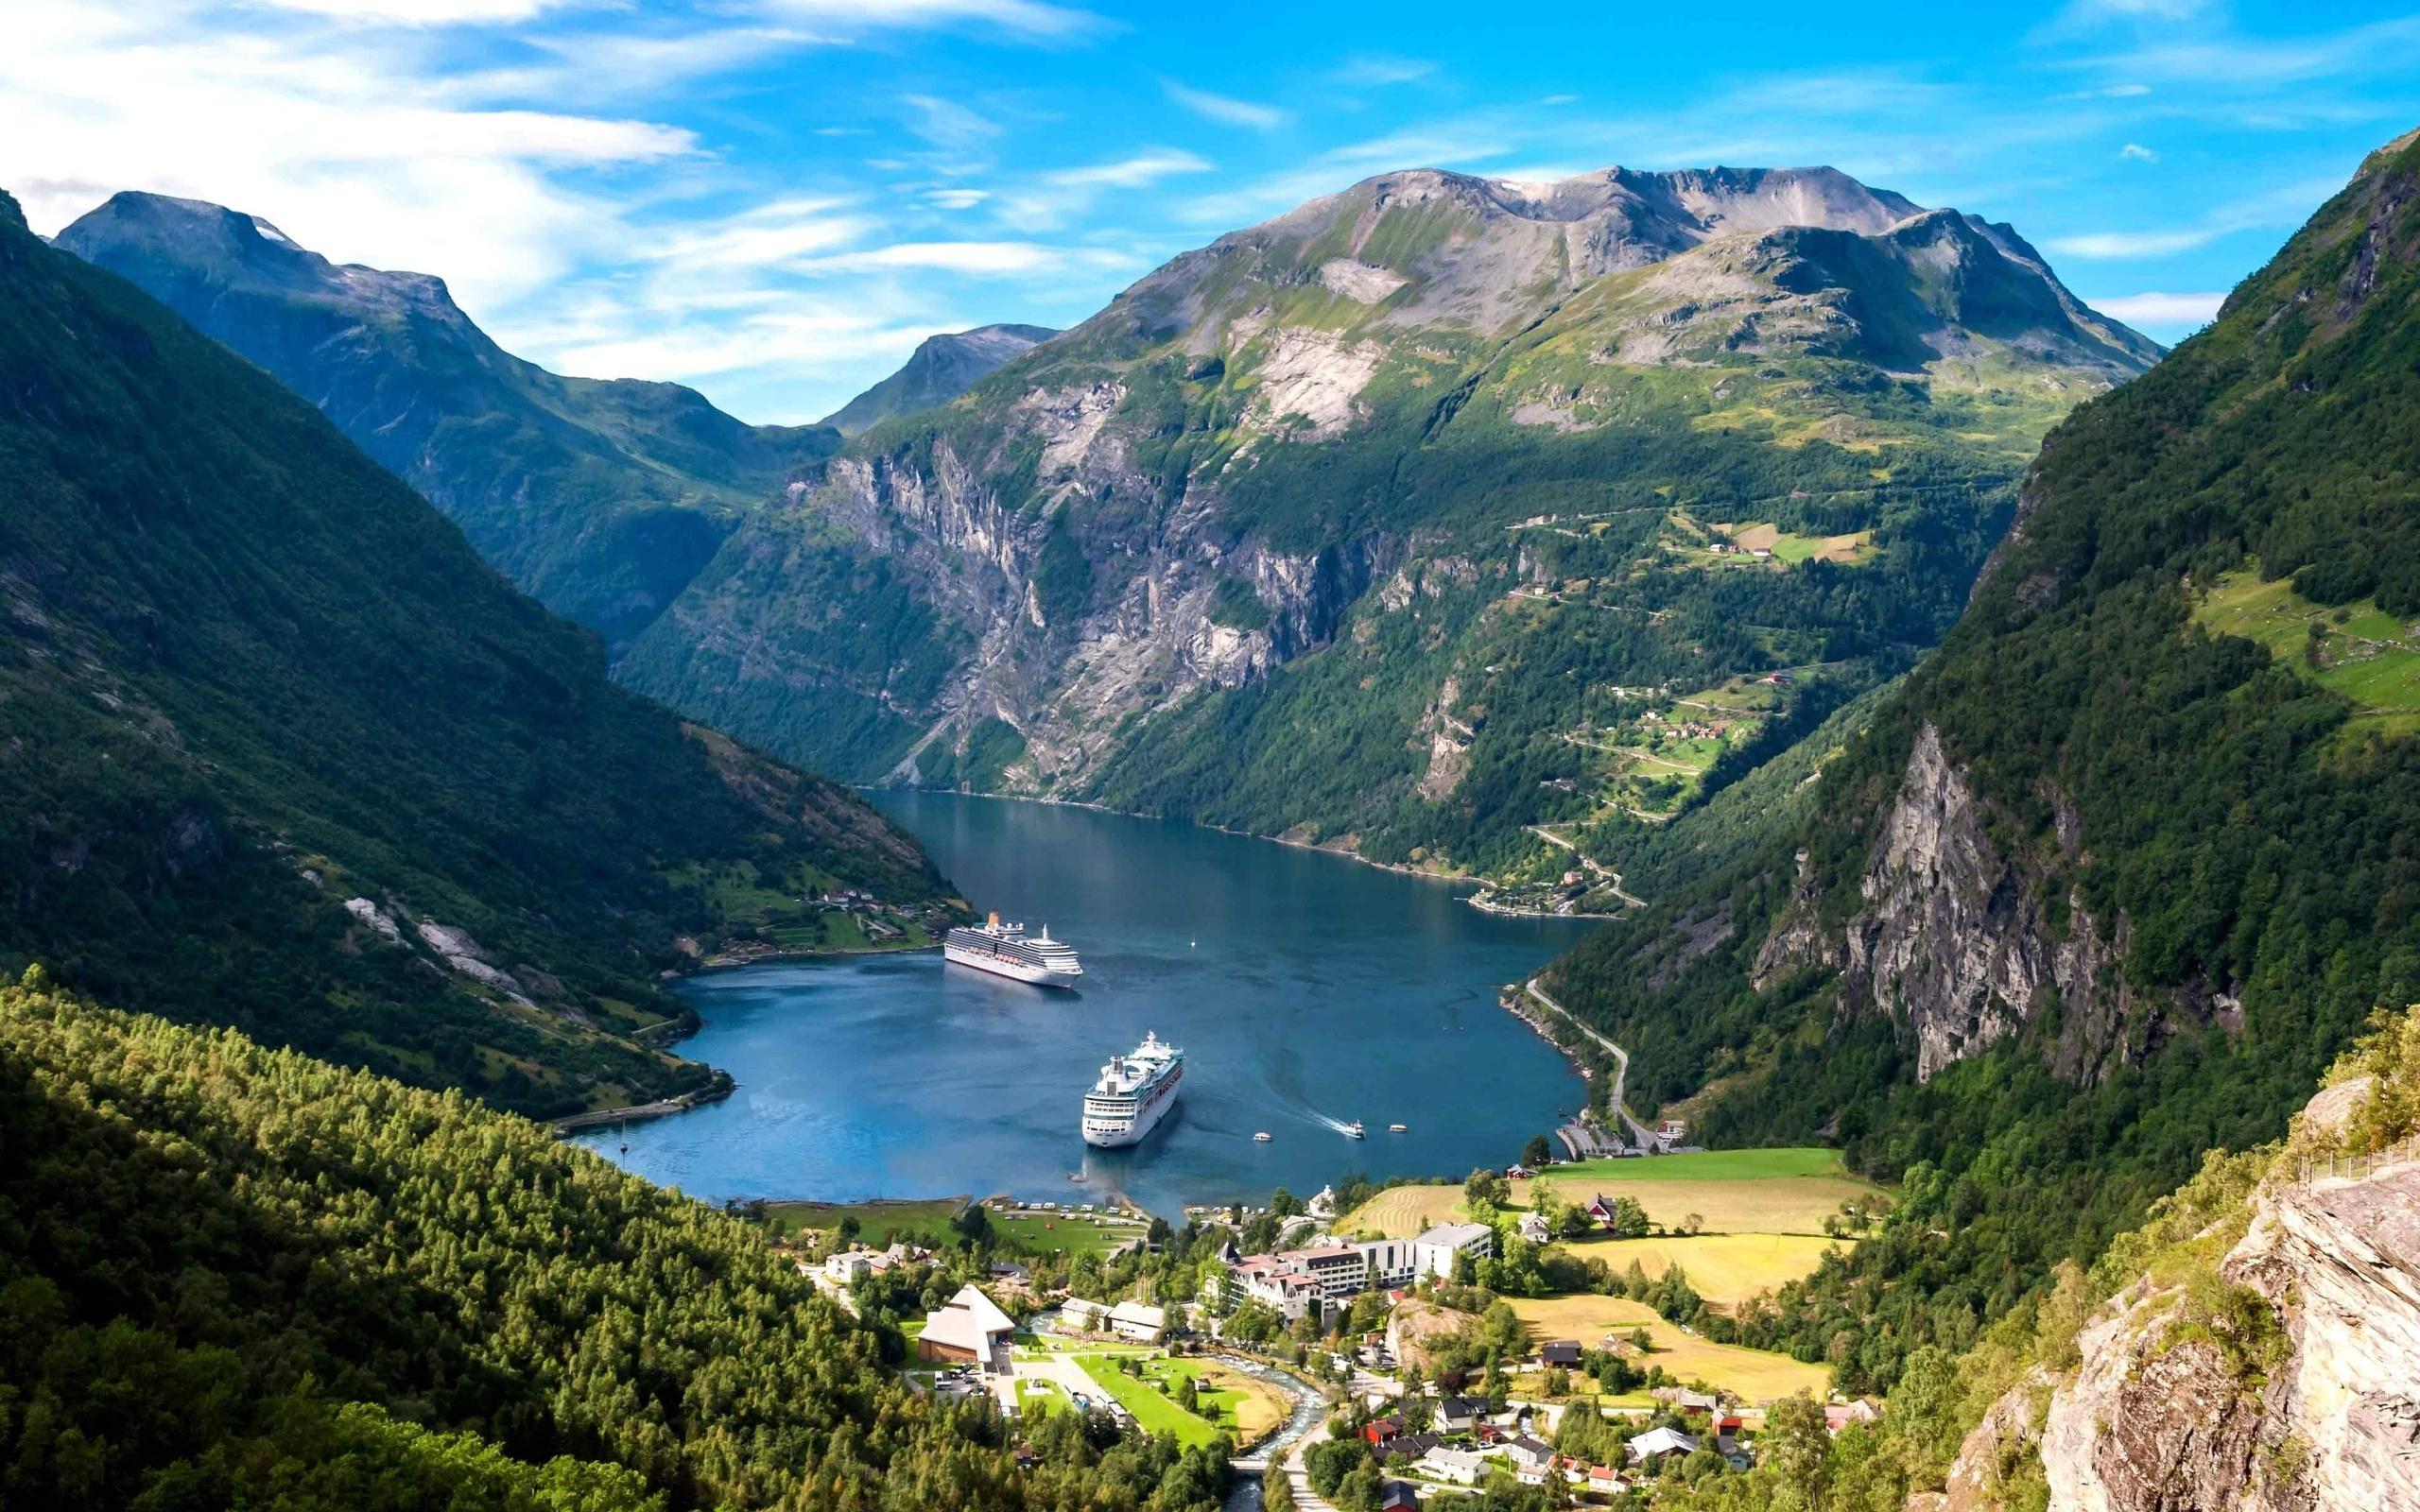 Гранд тур в Норвегию (17 фьордов + ледник)